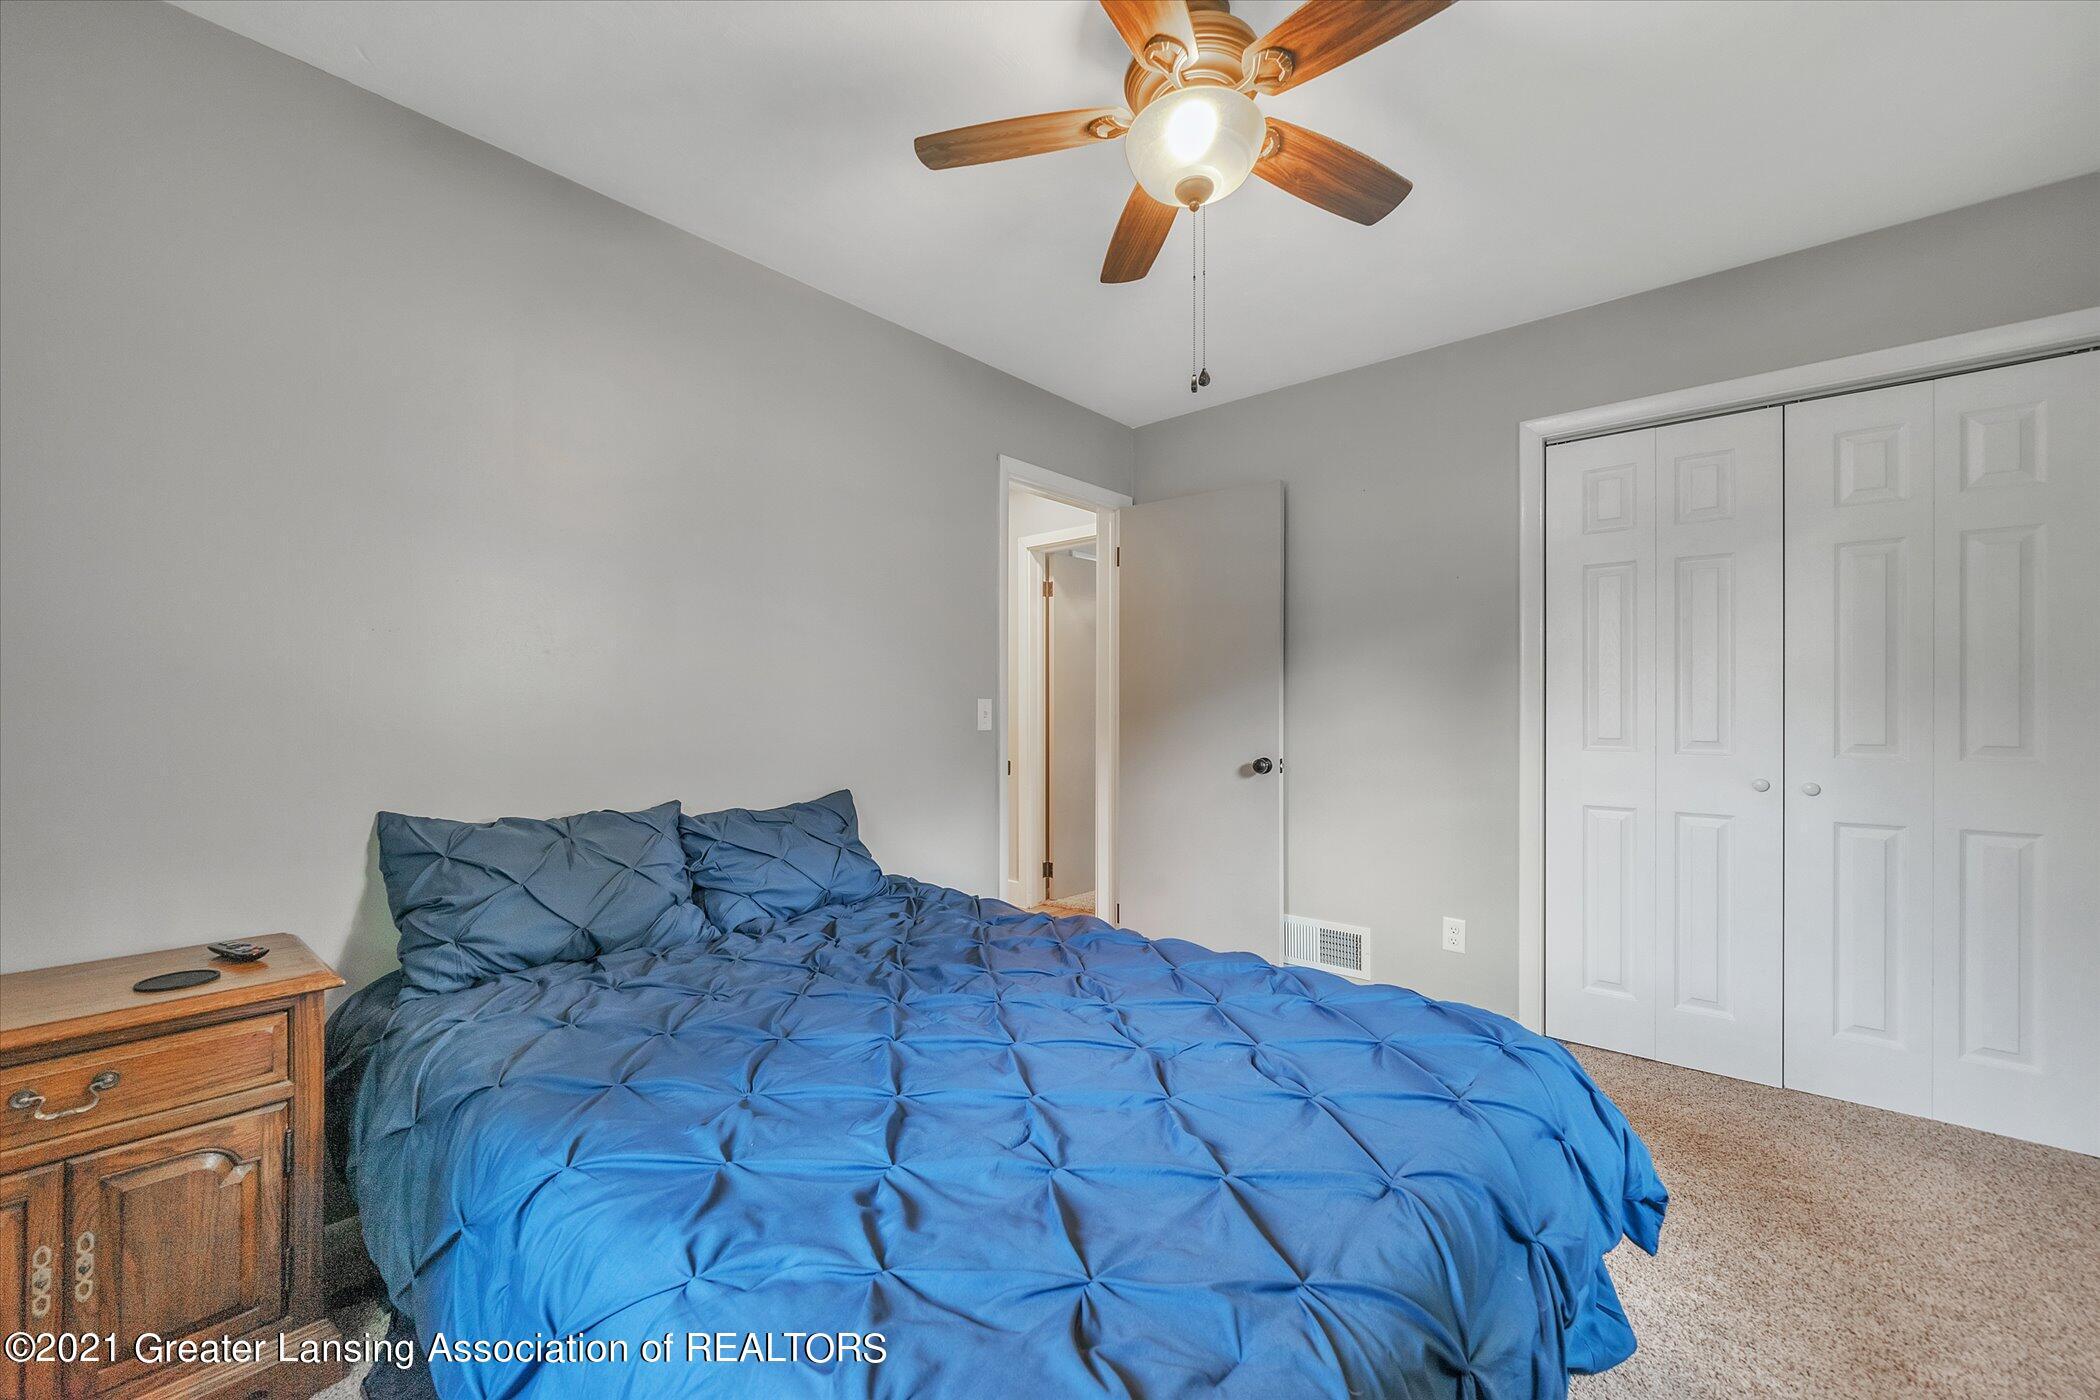 1101 Ro Dic Don Dr - (18) MAIN FLOOR  Bedroom 2 - 18